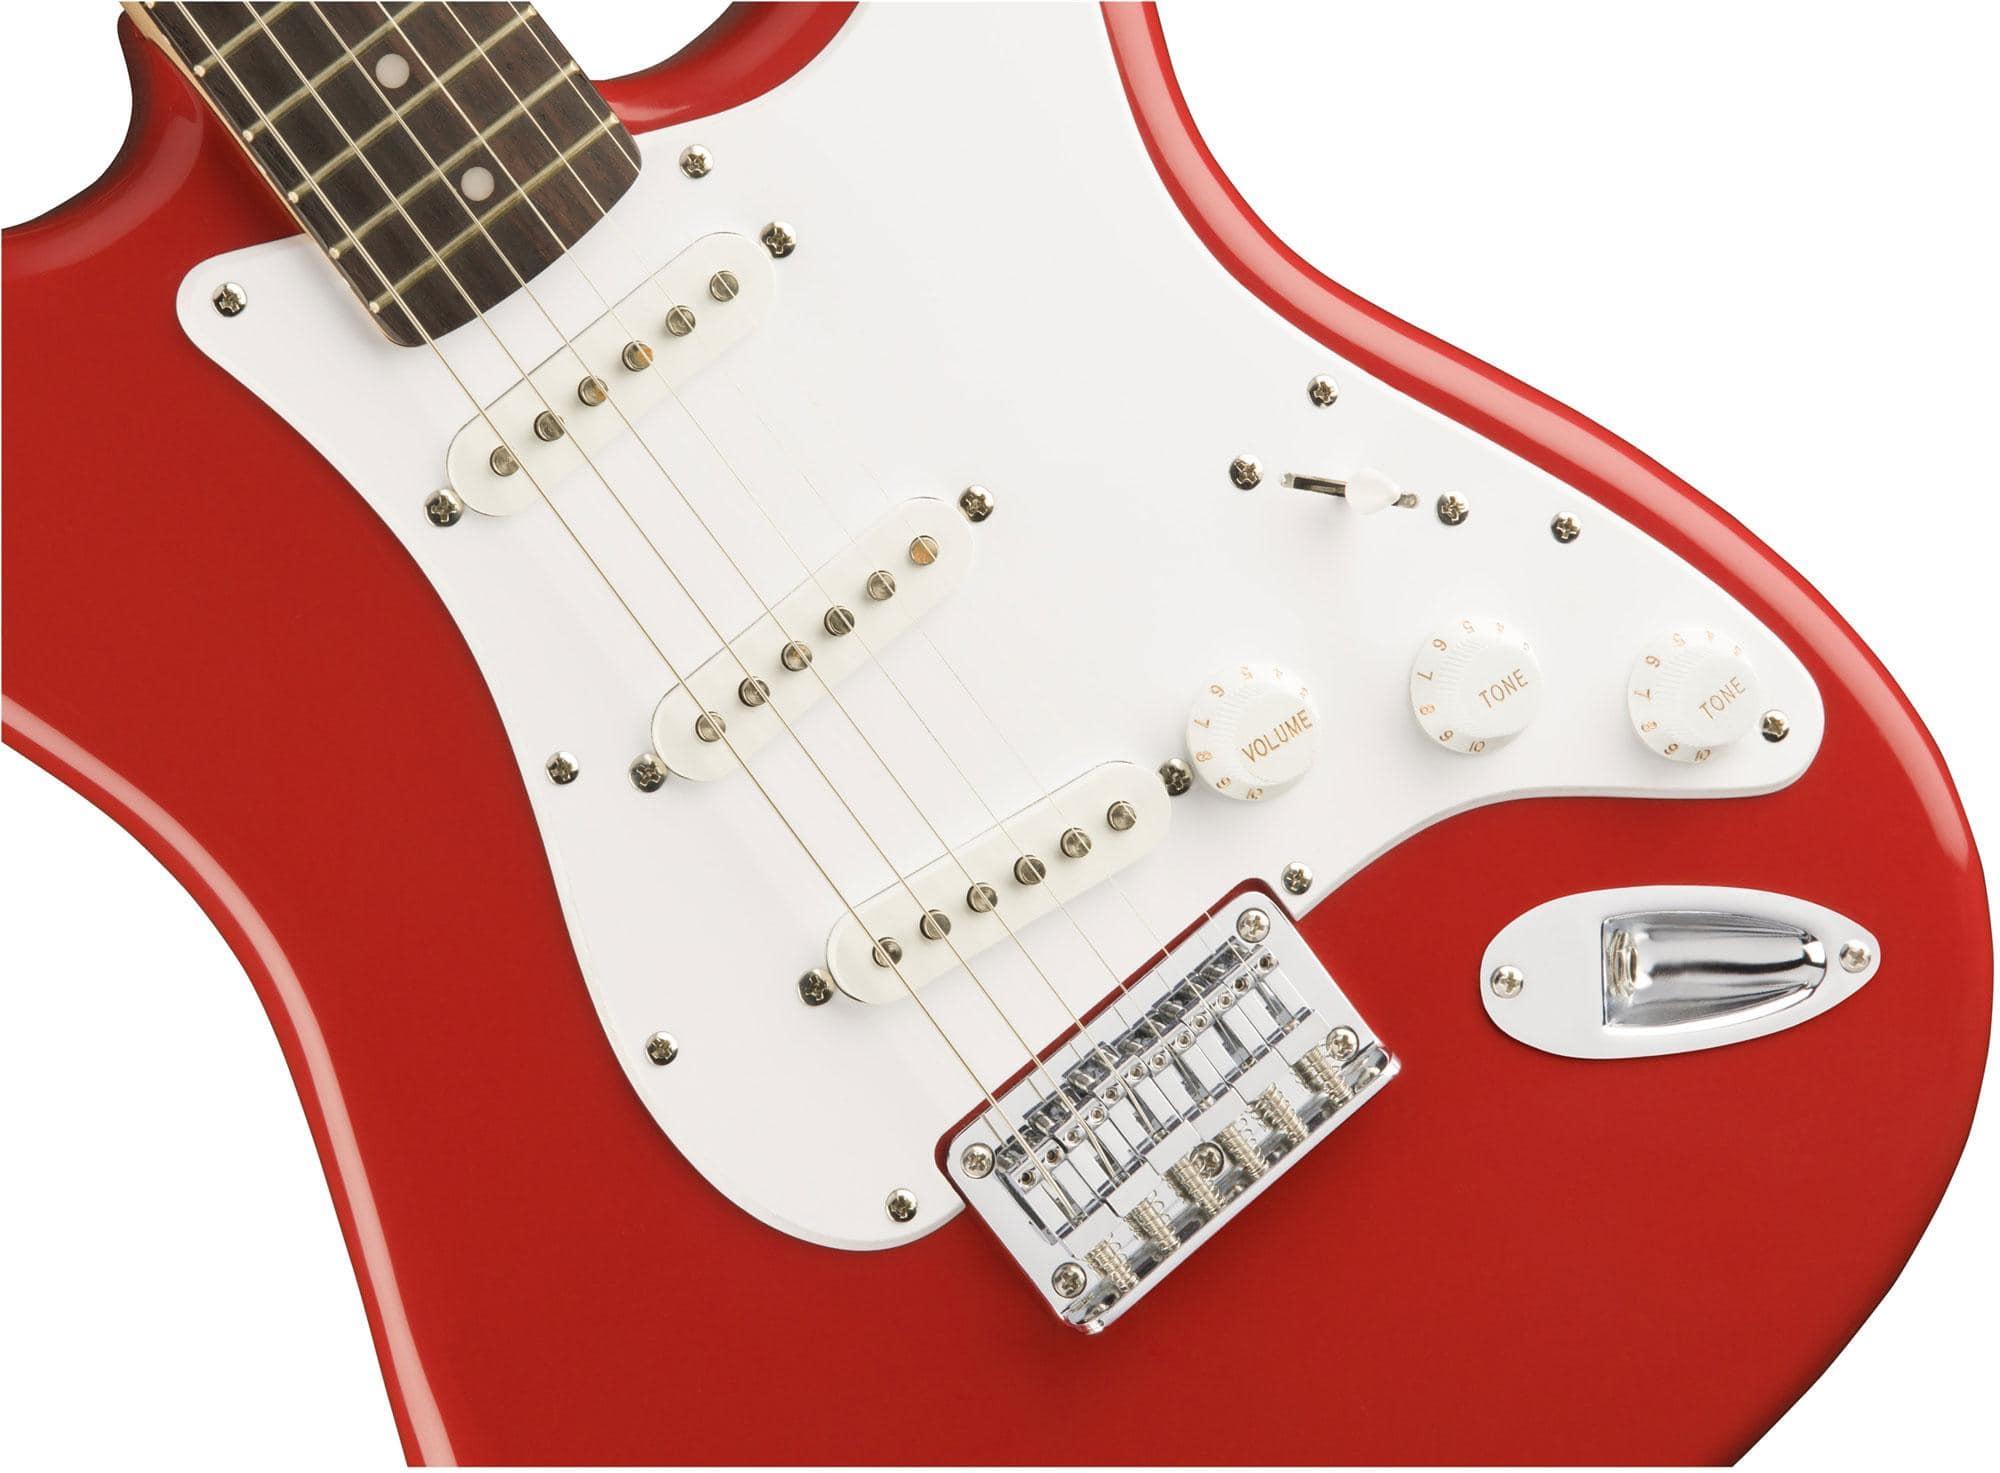 Charmant Fender Stratocaster Schaltplan Fotos - Der Schaltplan ...